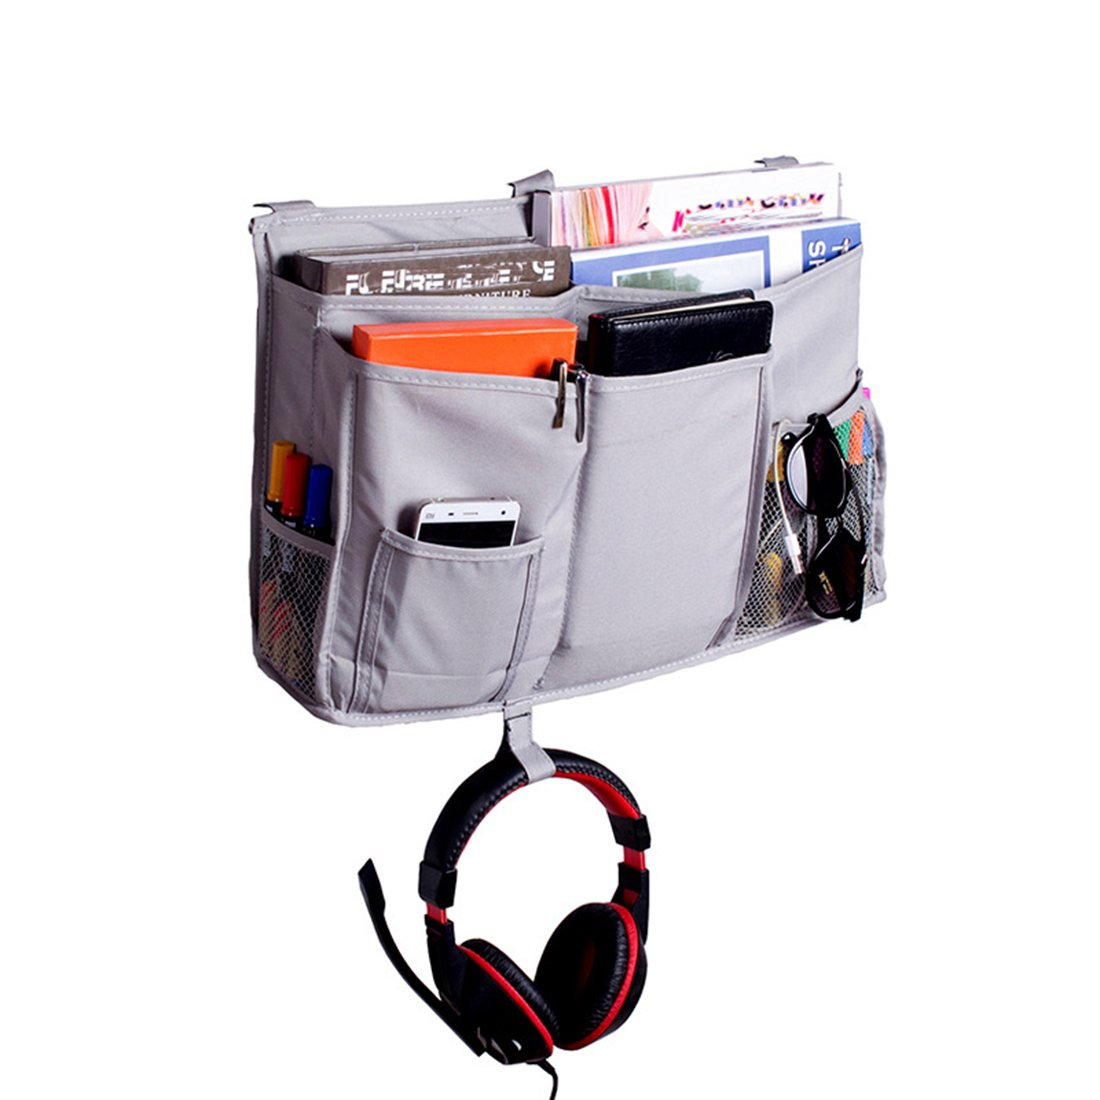 Peak Mall Hanging Organizer Bedside Storage Bag for Bunk Beds, Hospital Beds, Dorm Rooms Bed Rails